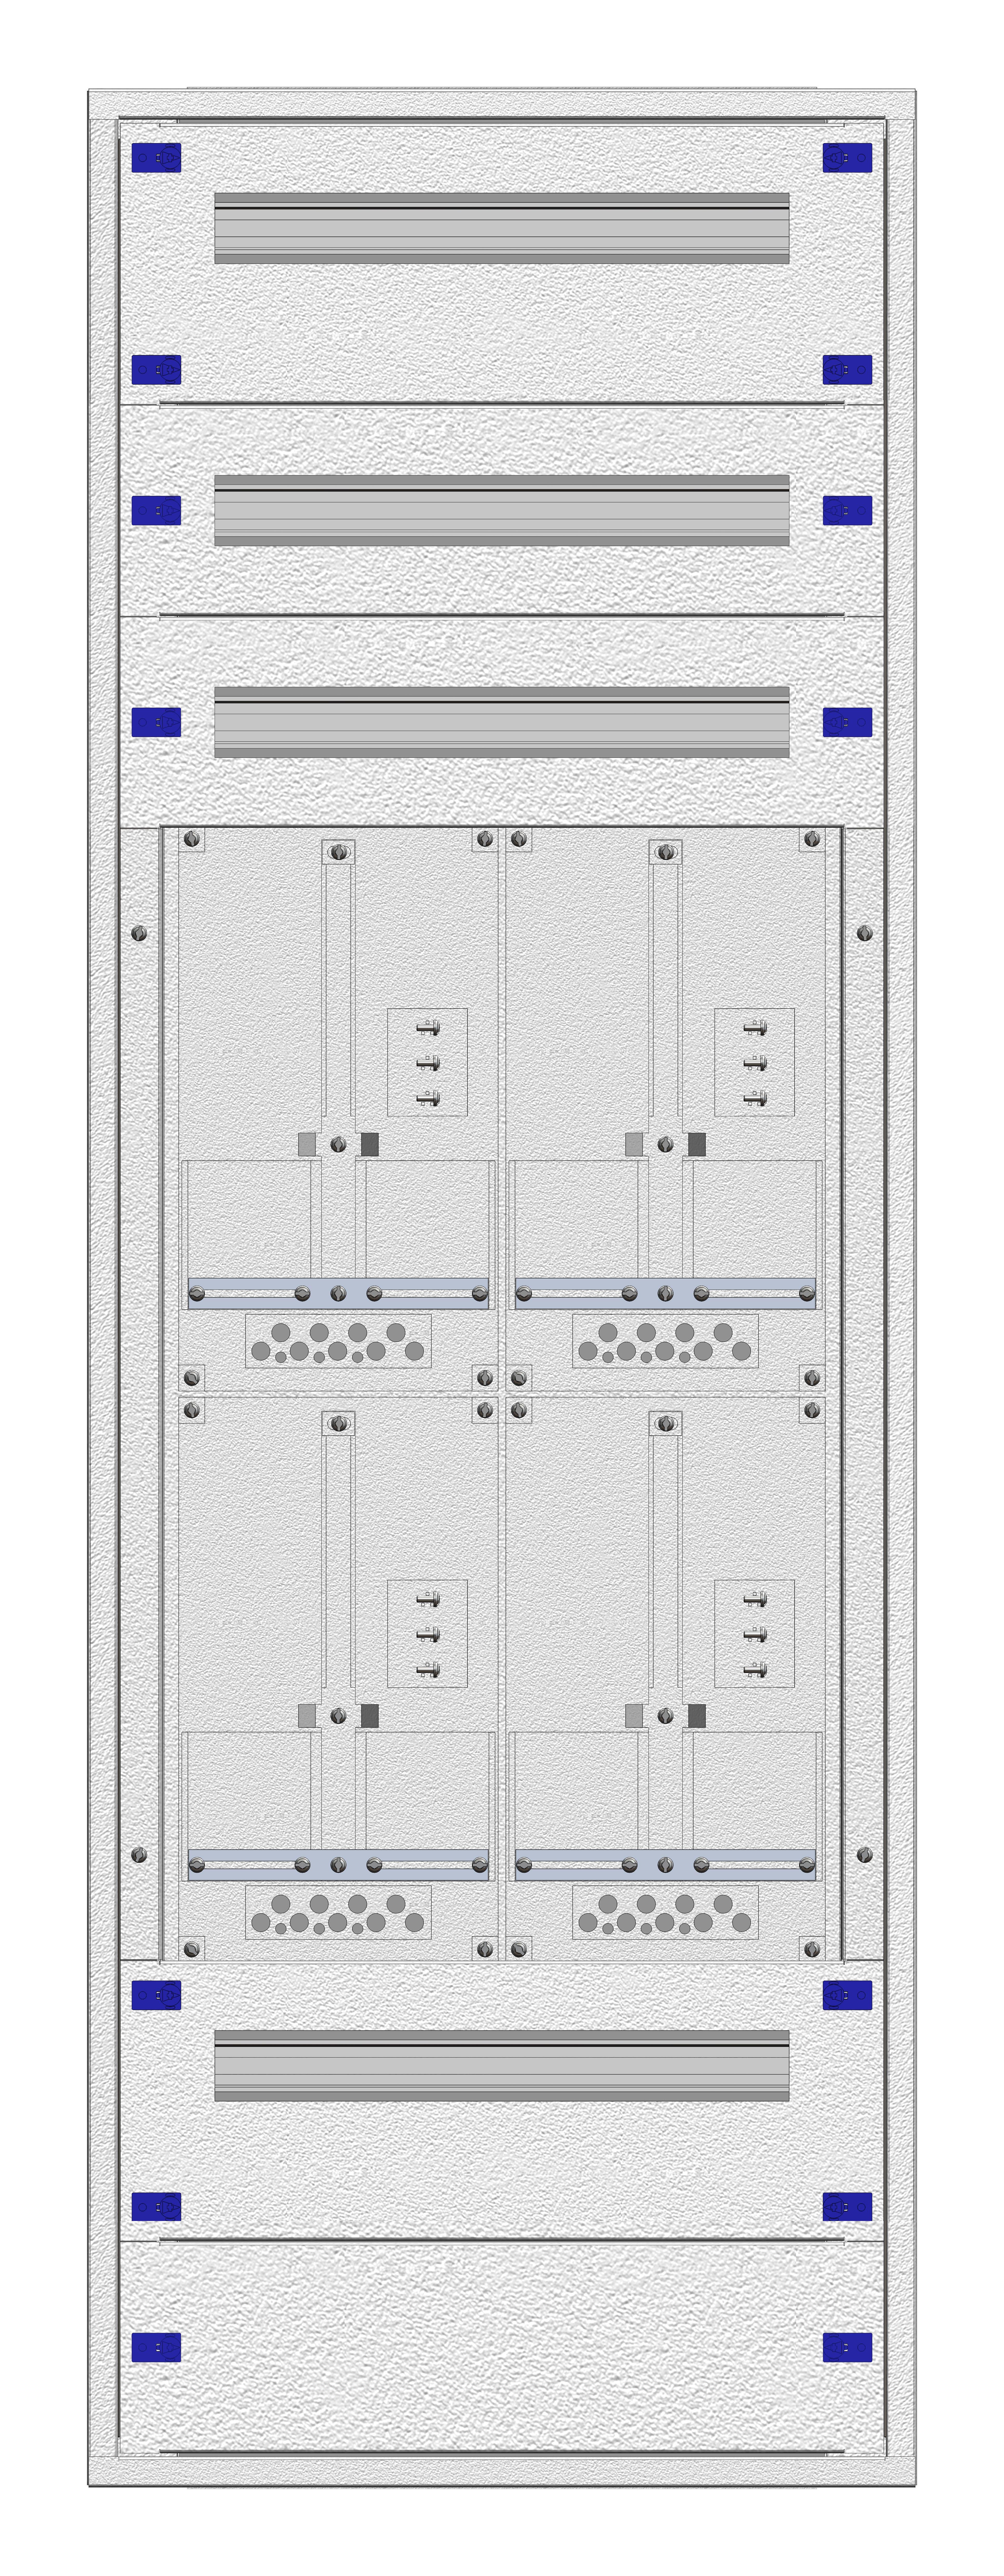 1 Stk Aufputz-Zählerverteiler 2A-33G/WIEN 4ZP, H1605B590T250mm IL162233WS